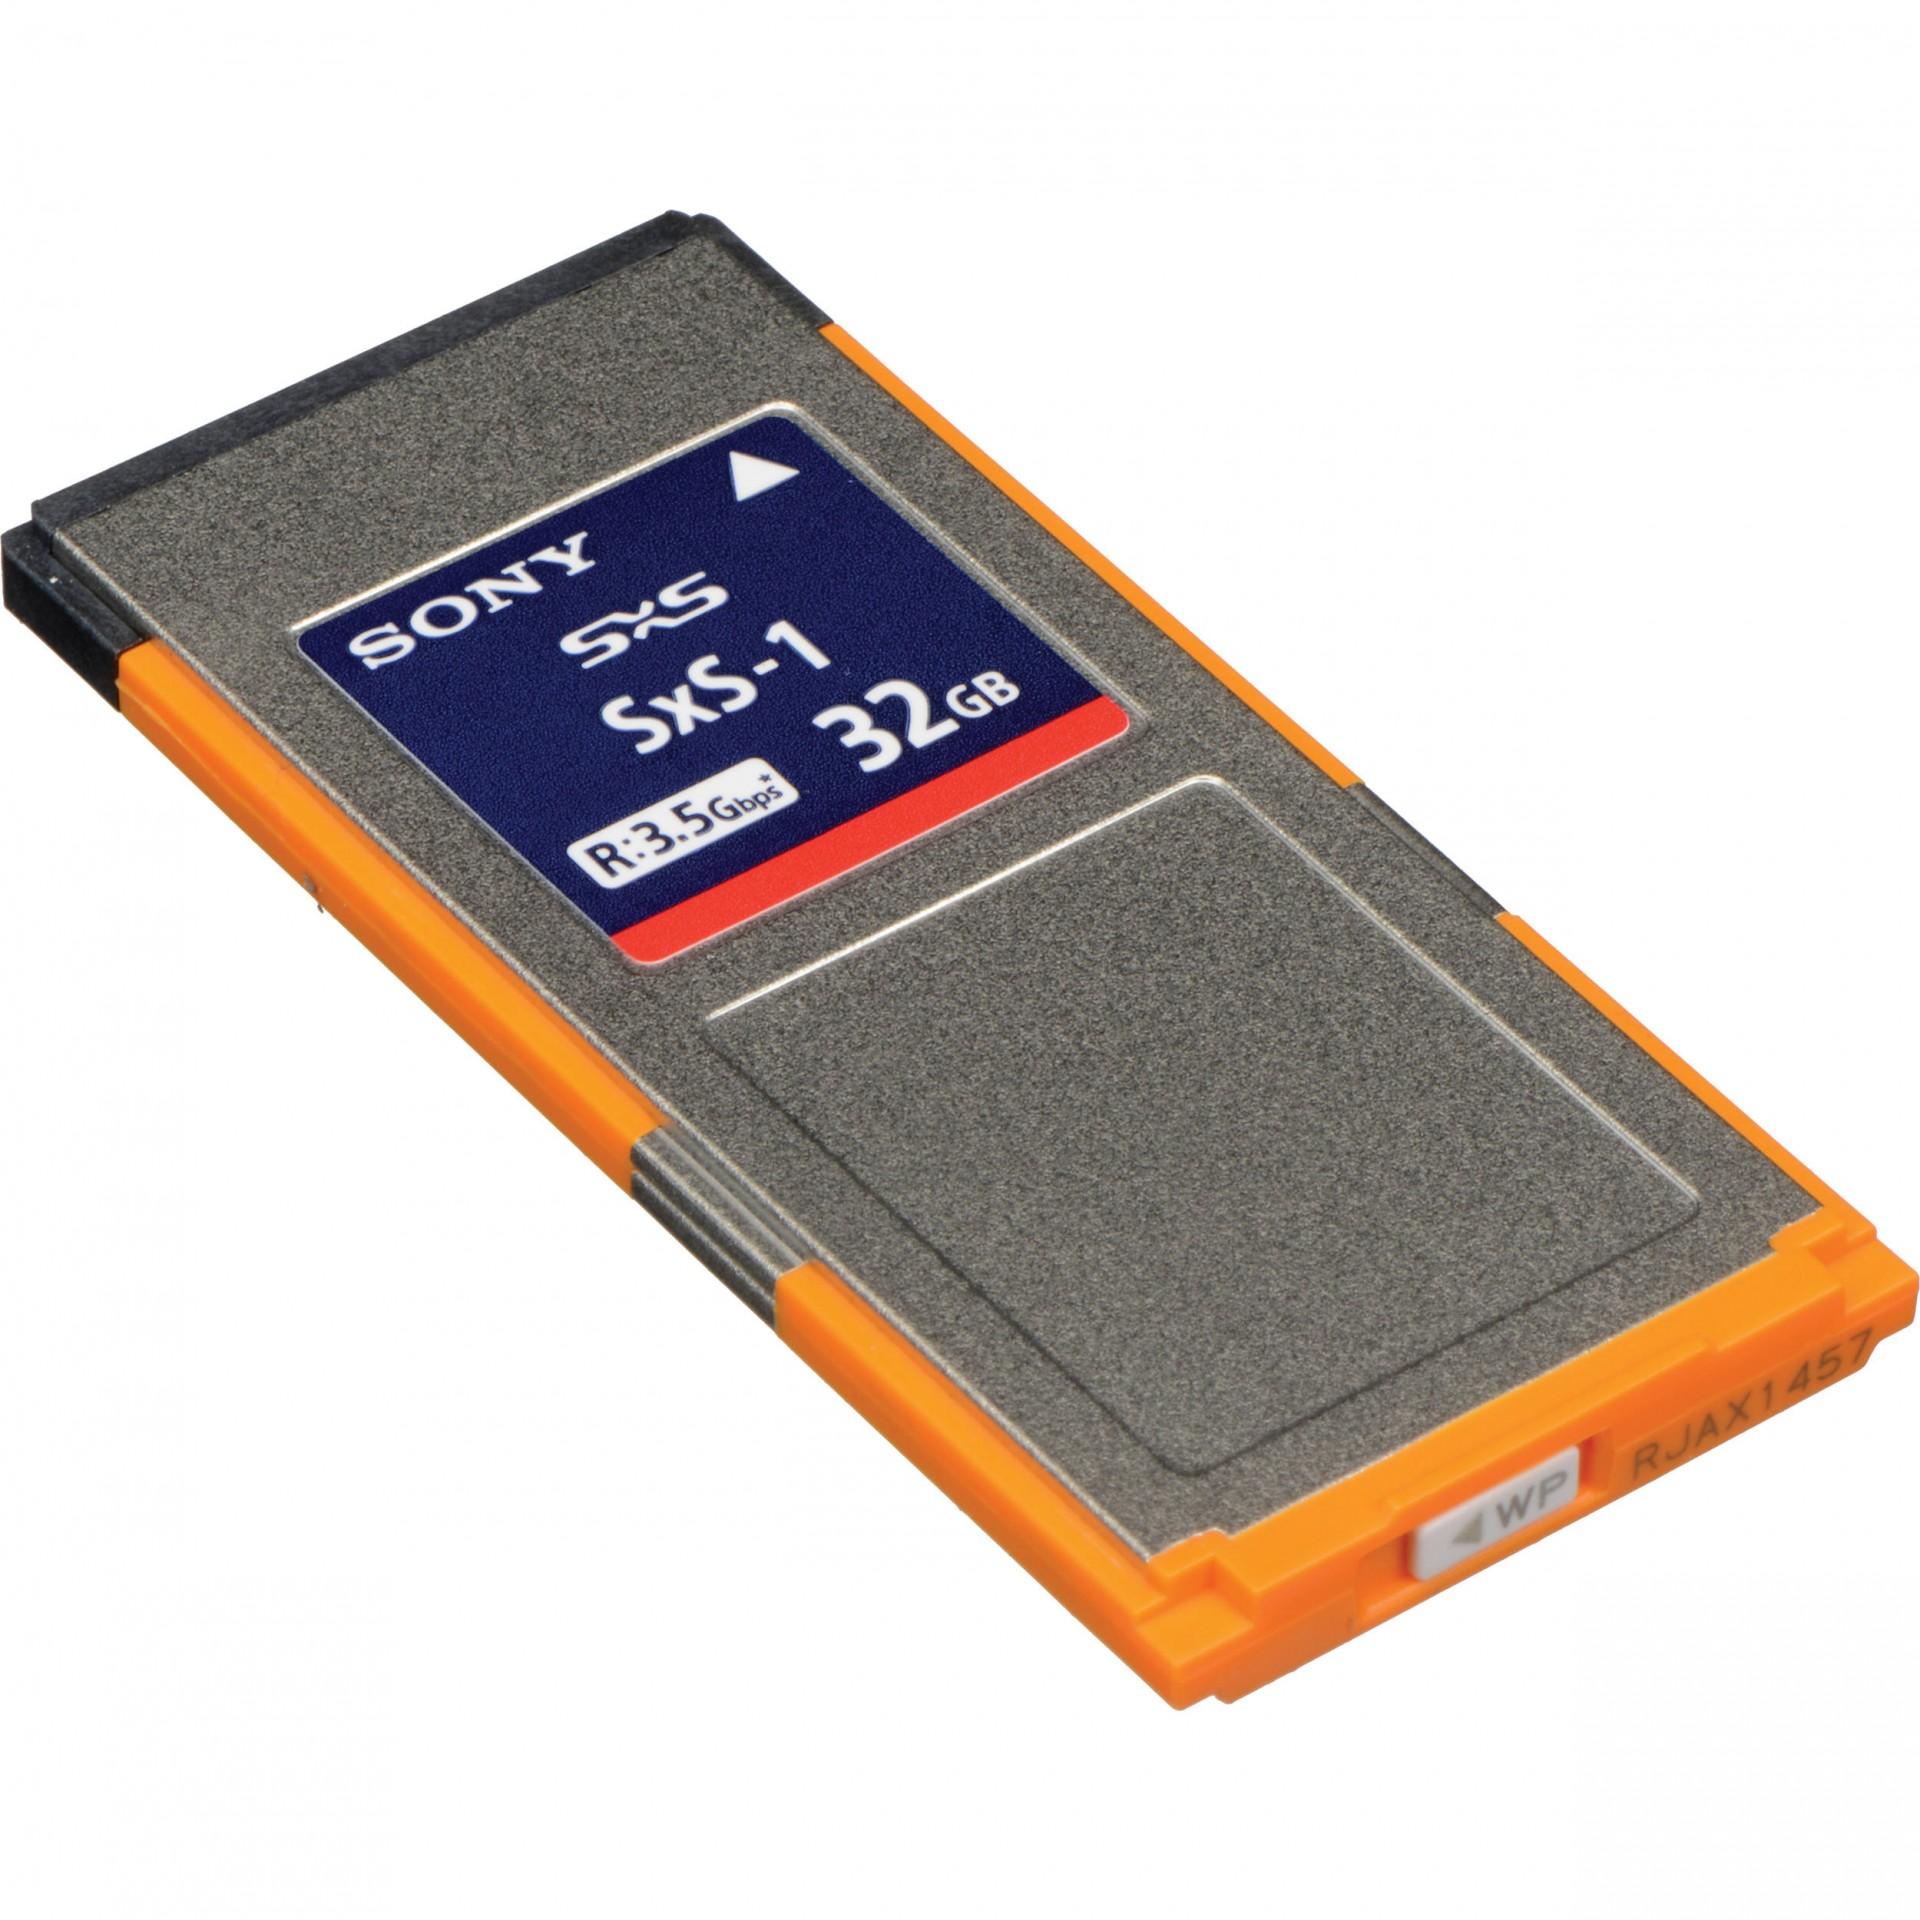 Sony Cartão SBS-32G1B SxS de 32Gb